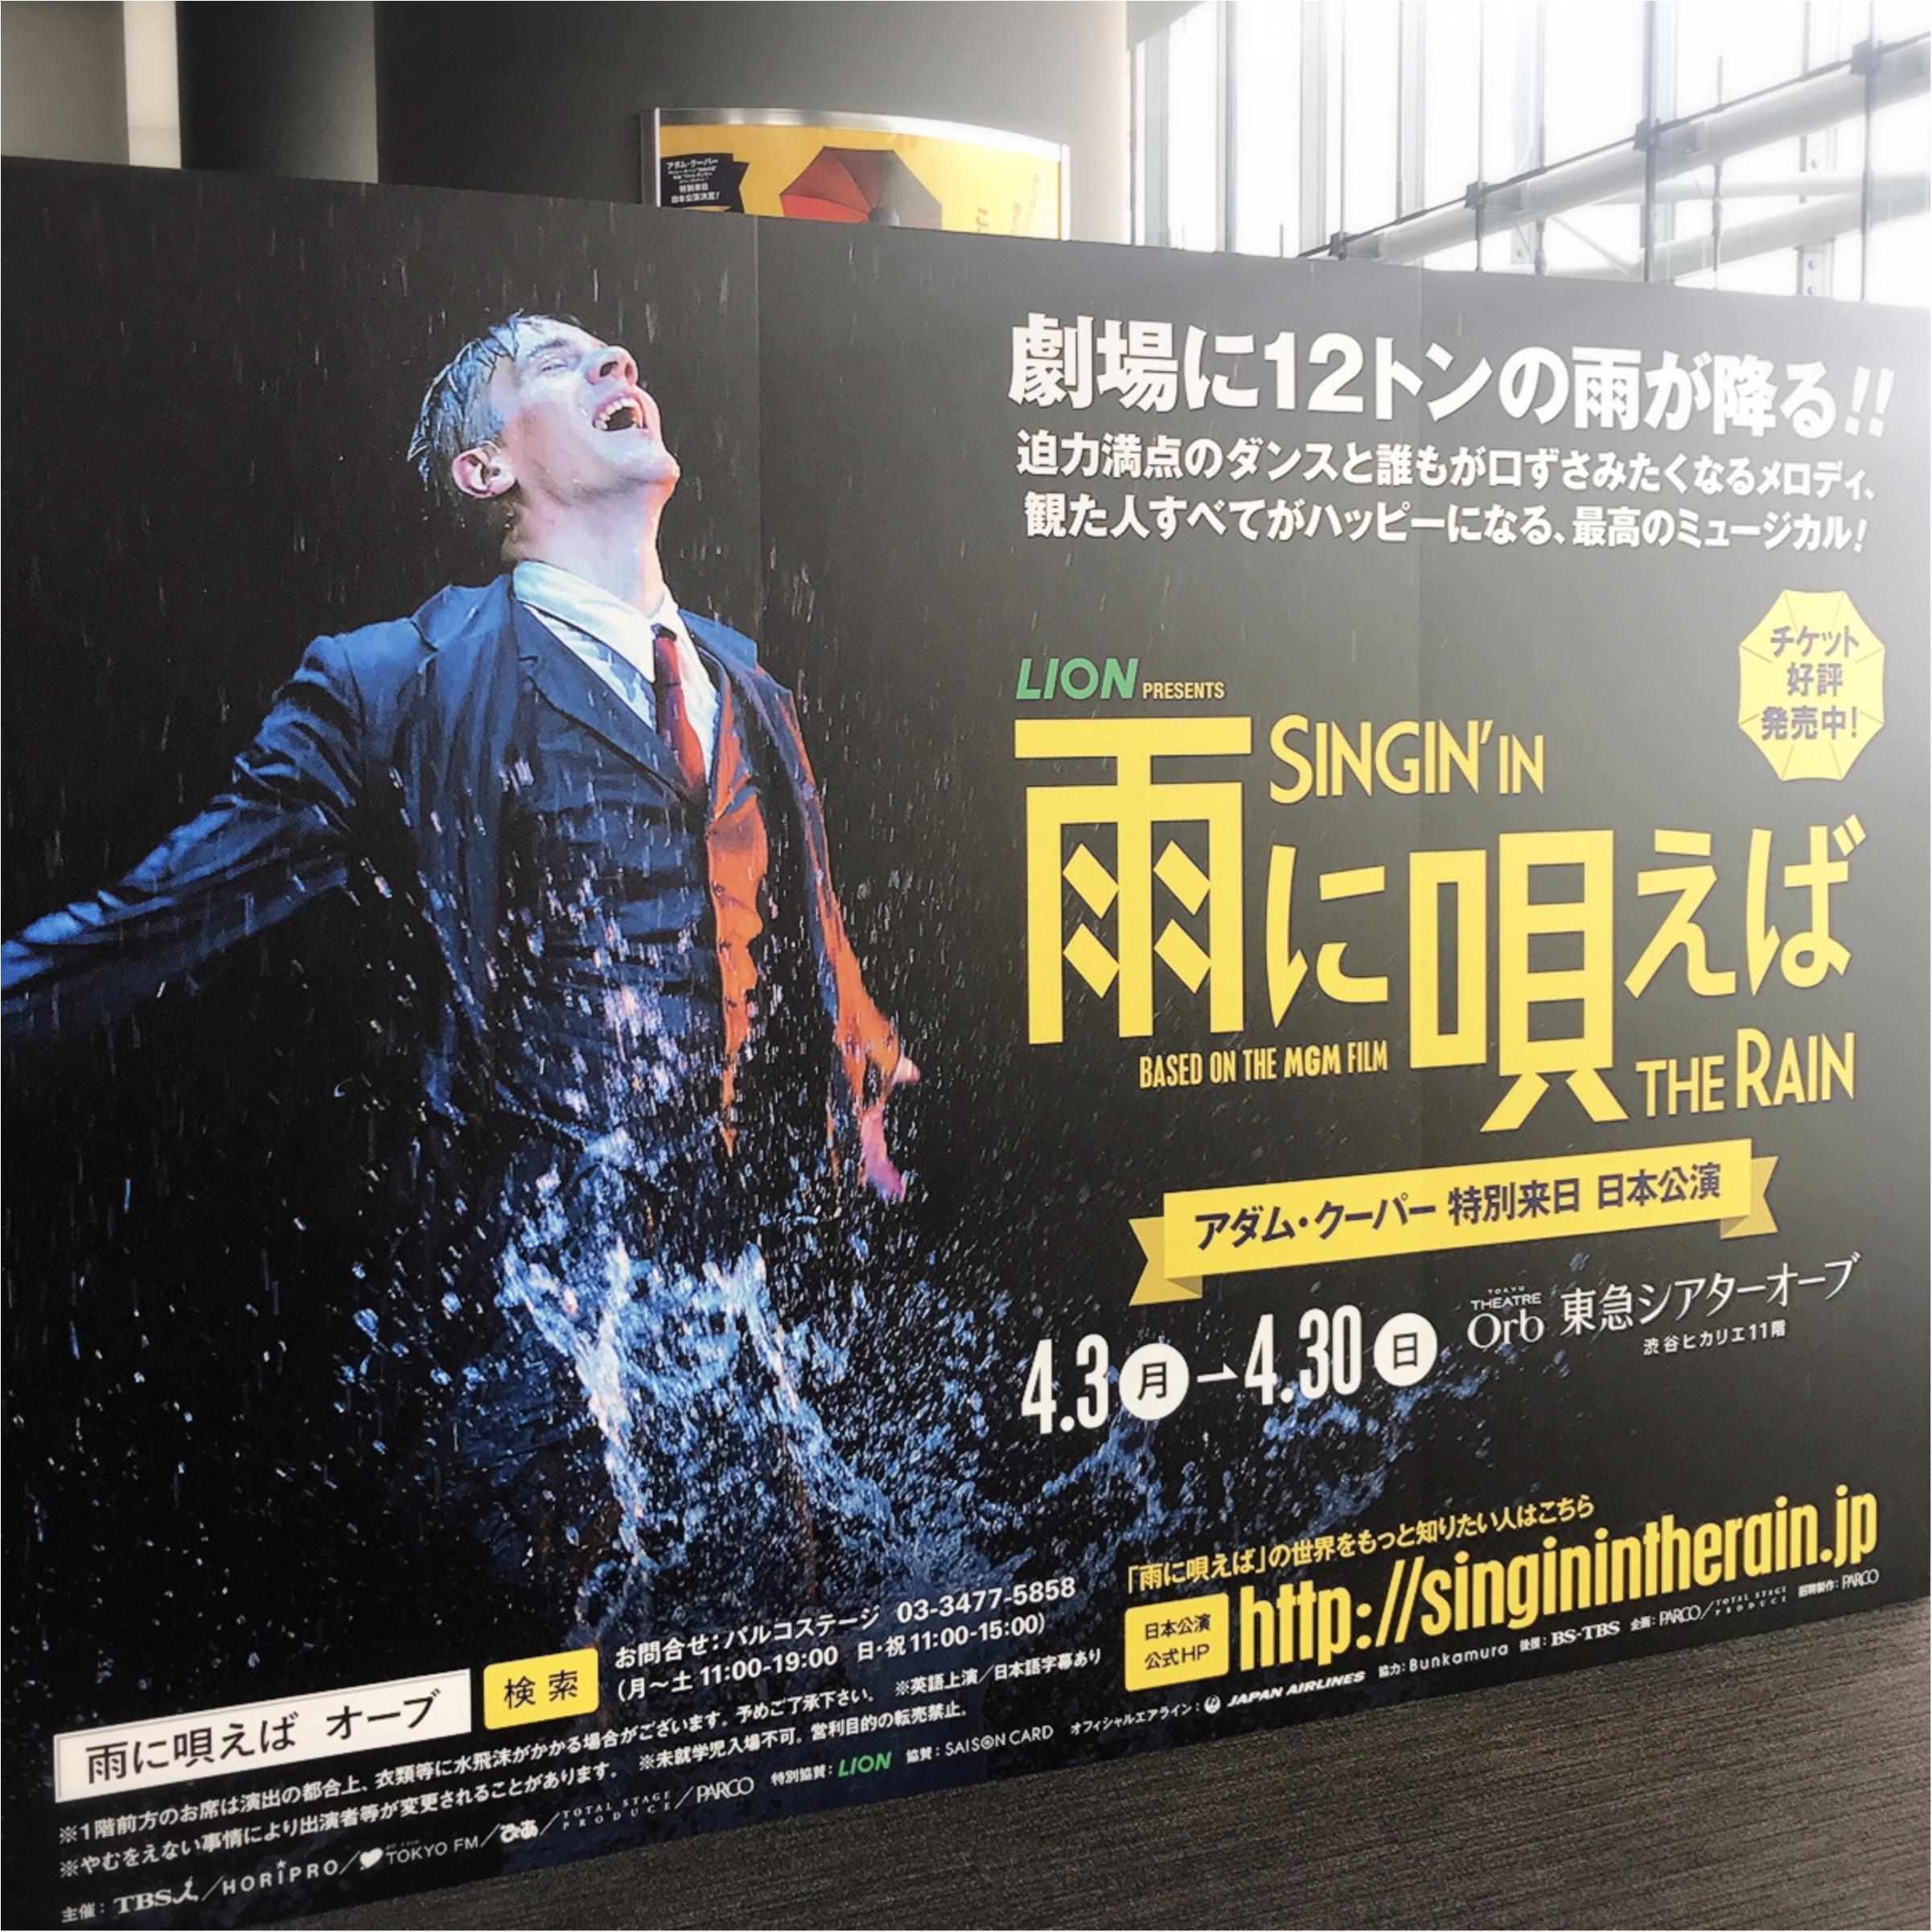 ステージに降る12トンの雨!ミュージカル【SINGIN' IN THE RAIN(雨に唄えば)】を観てきました♡_2